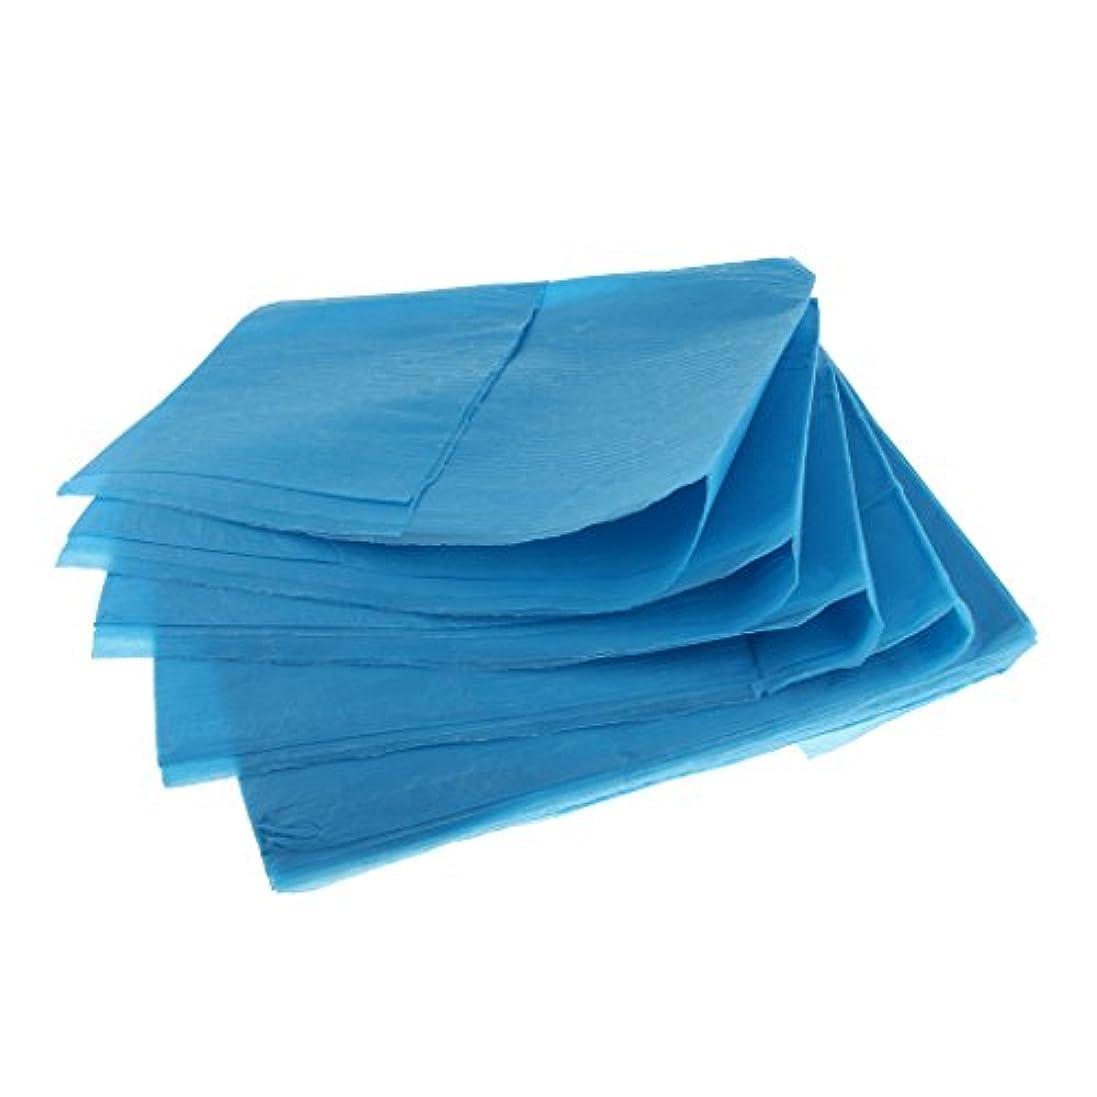 先縁アレイ10枚 使い捨て ベッドシーツ ベッドパッド カバー 妊産婦 生理期間 スキンケア 美容院 サロン ホテル 2色選べ - 青